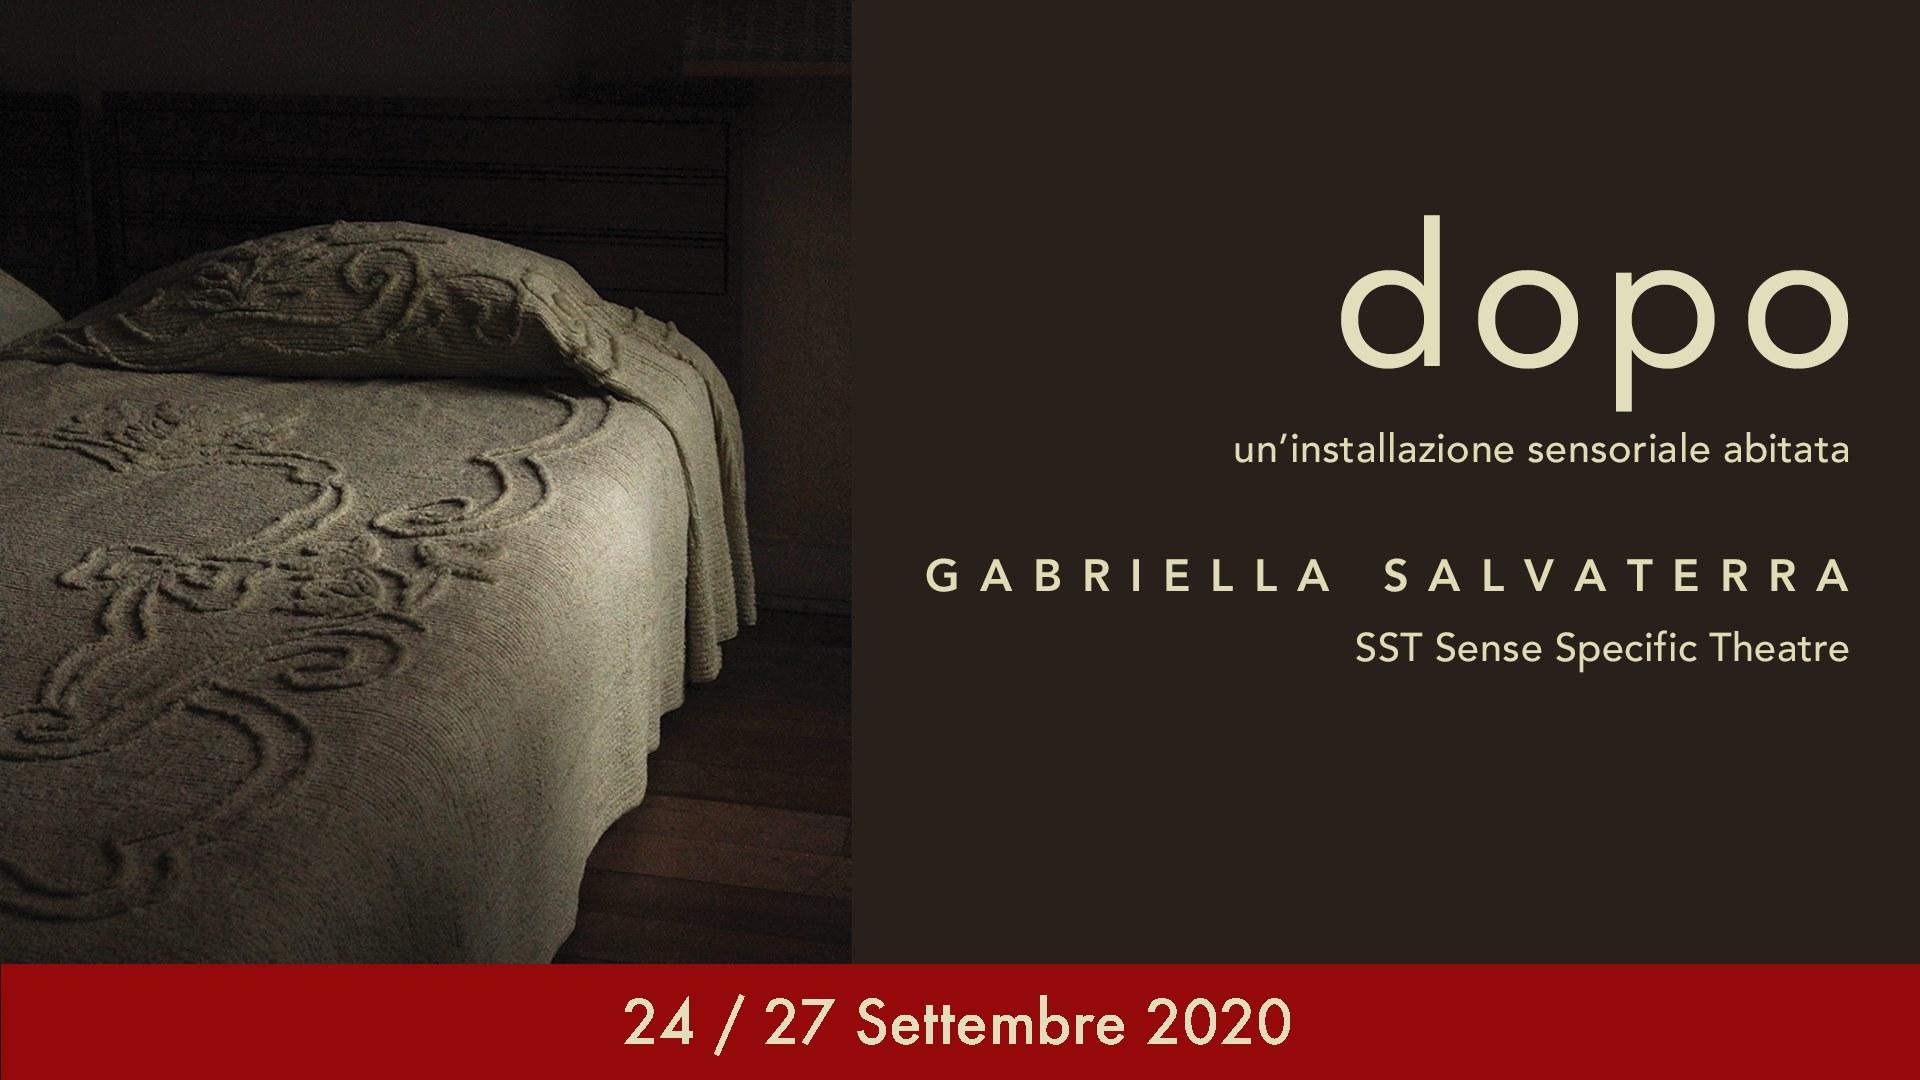 DOPO – installazione sensoriale abitata a cura di Gabriella Salvaterra